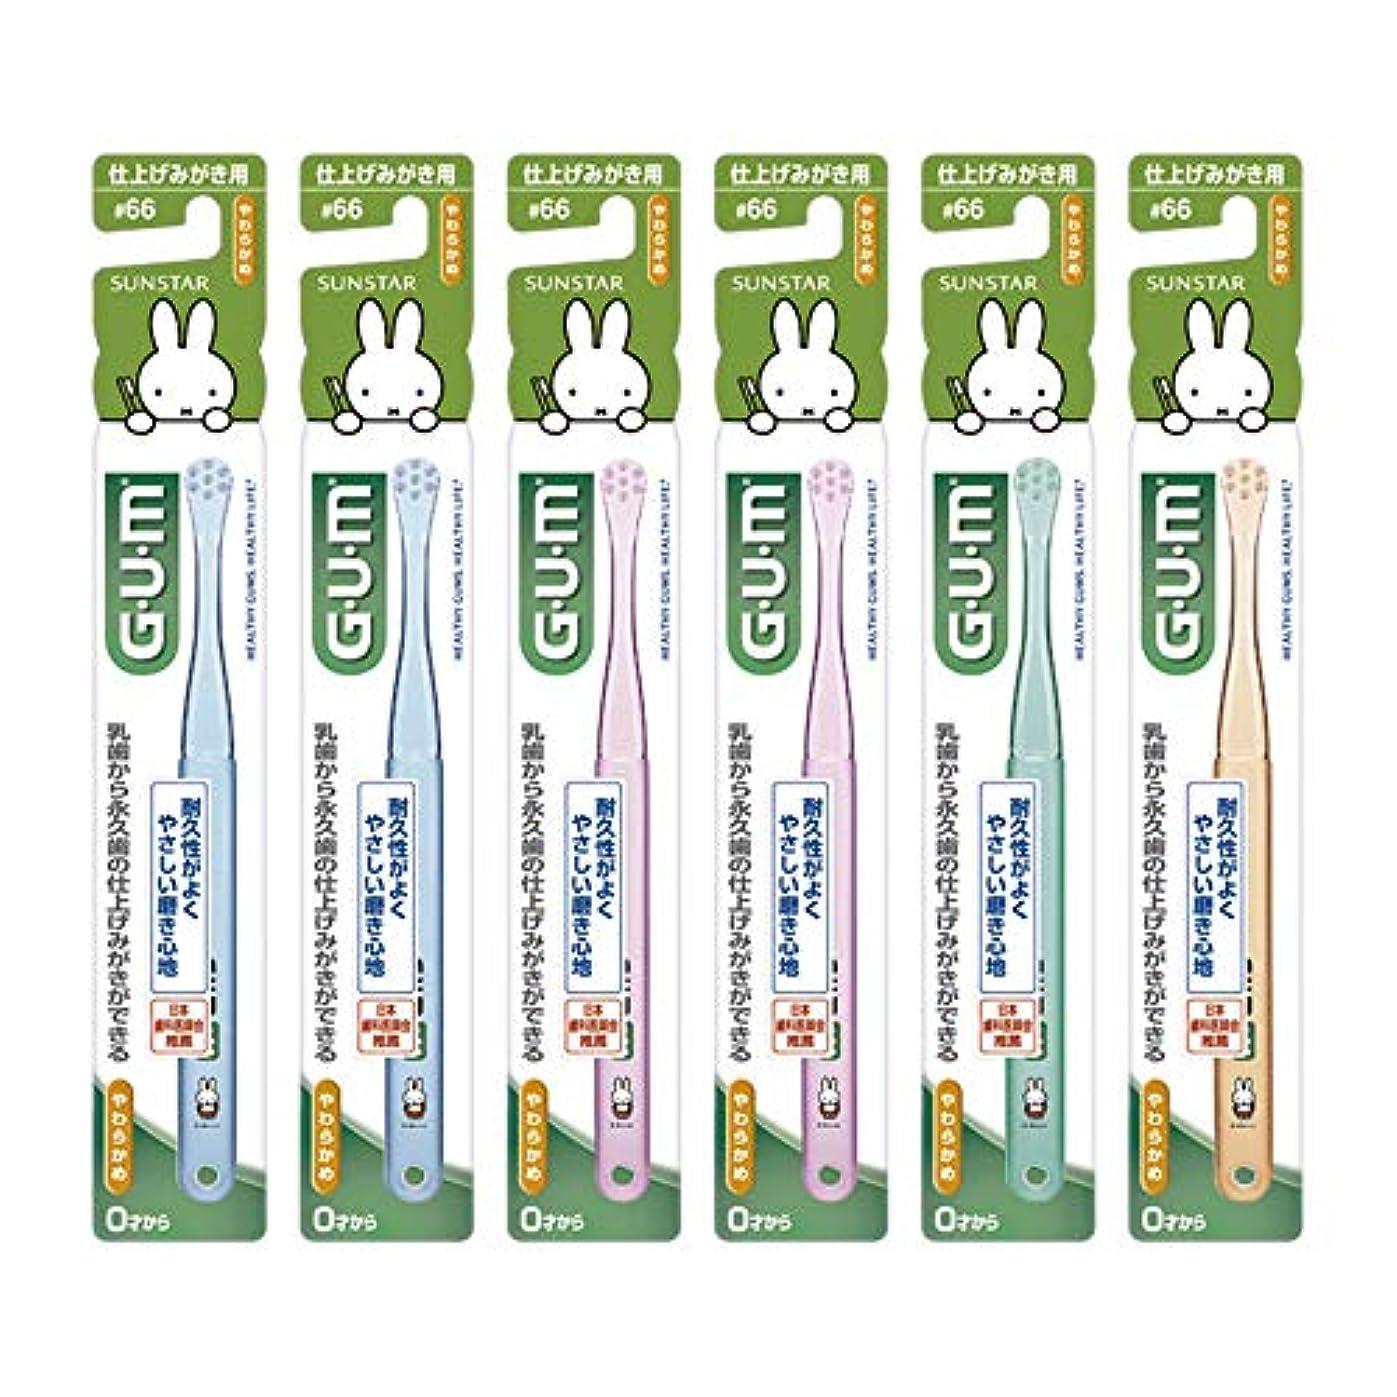 専門知識ワゴンちらつきGUM(ガム) デンタル こども 歯ブラシ #66 [仕上げみがき用/やわらかめ] 6本パック+ おまけつき【Amazon.co.jp限定】